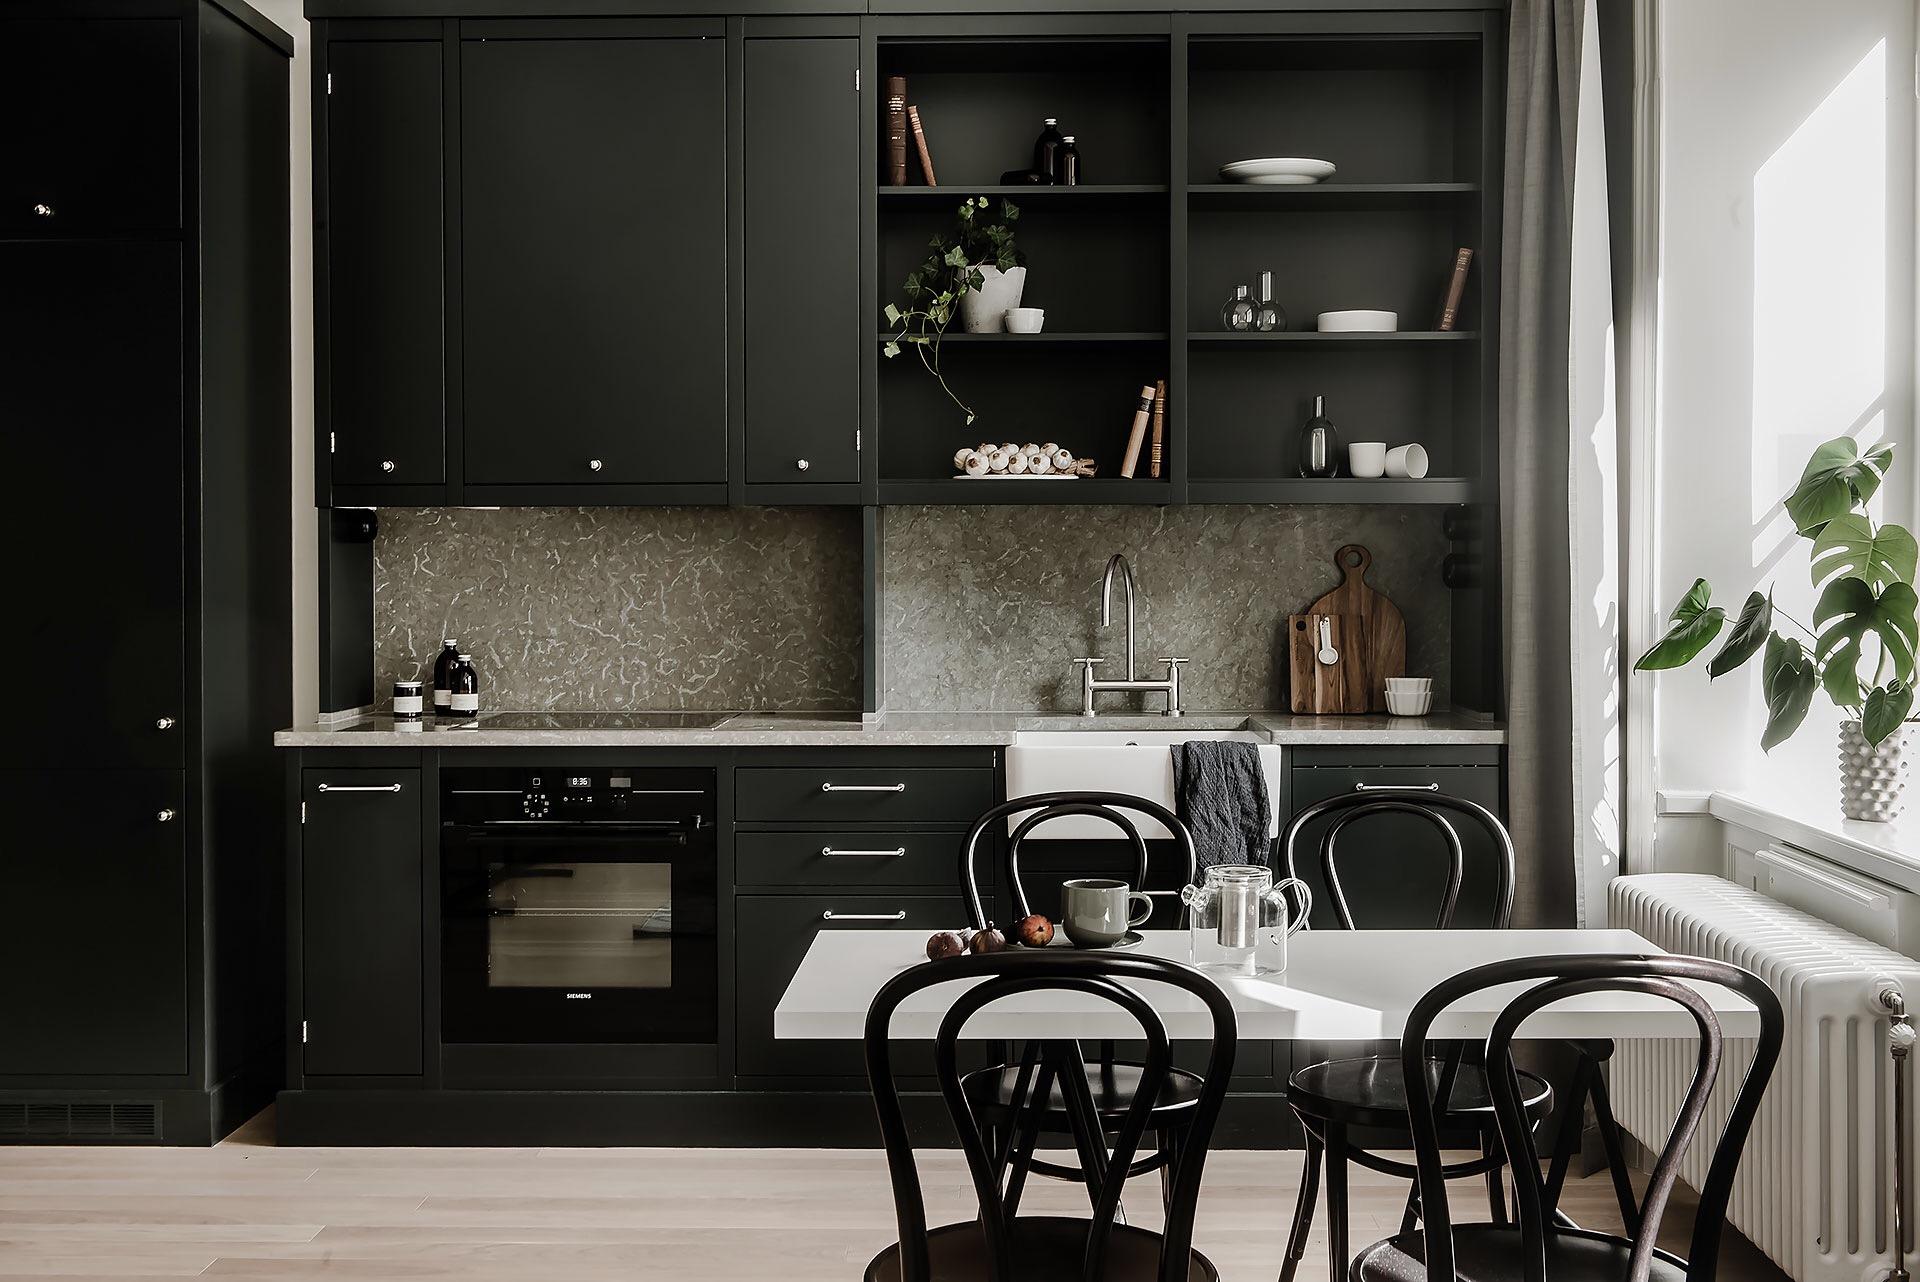 кухня темные фасады светлый пол потолок своды открытые полки встроенная вытяжка плита стол стулья